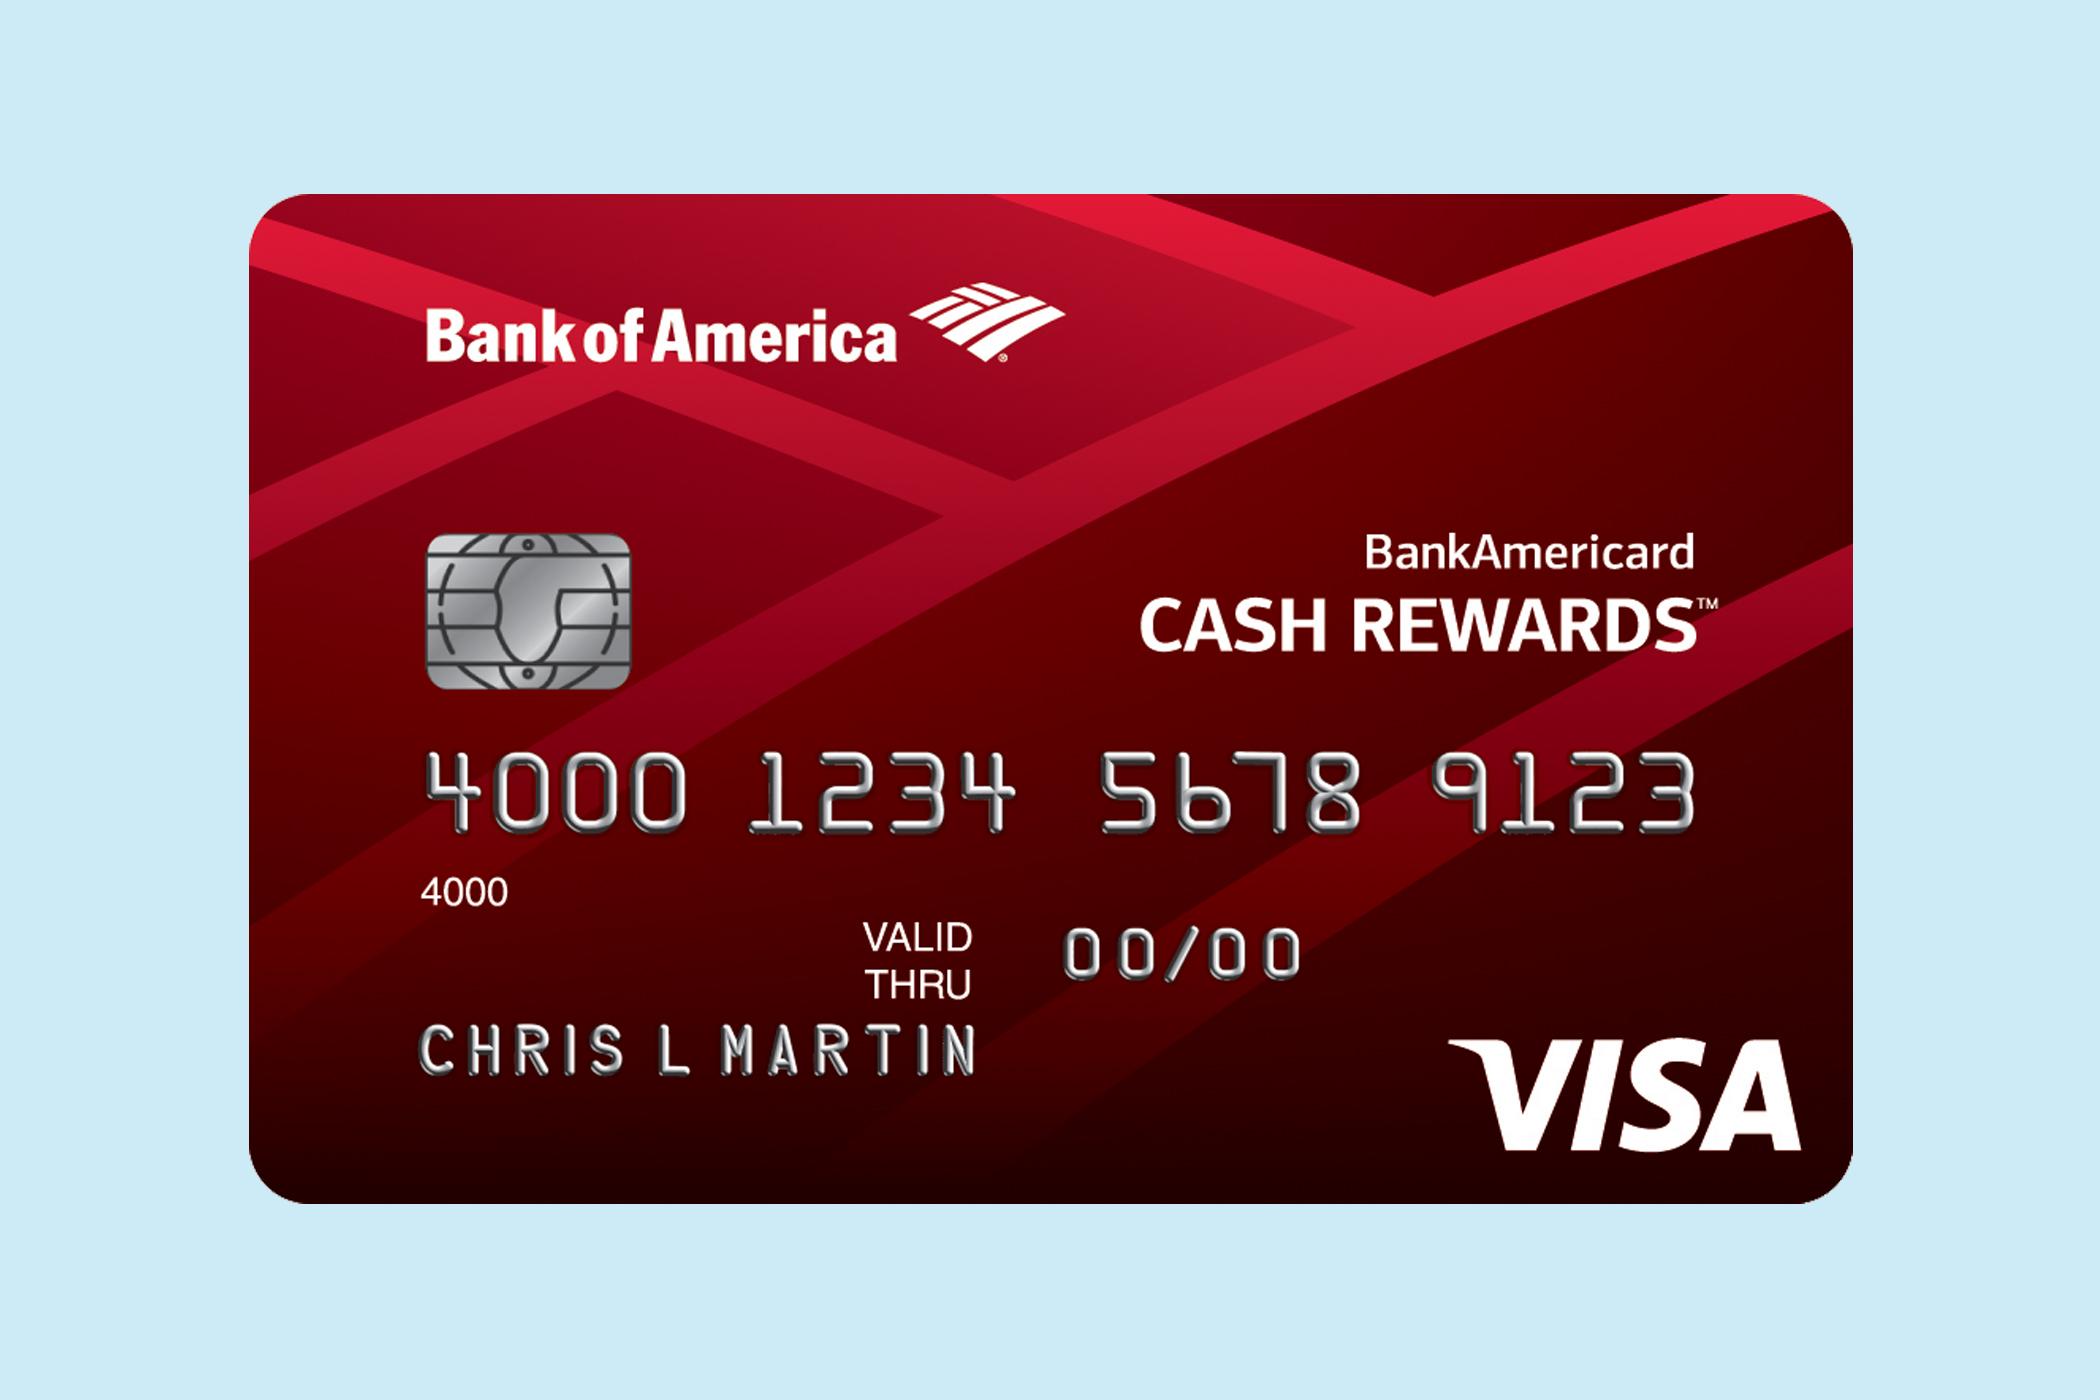 BankAmericard Cash Rewards for Students